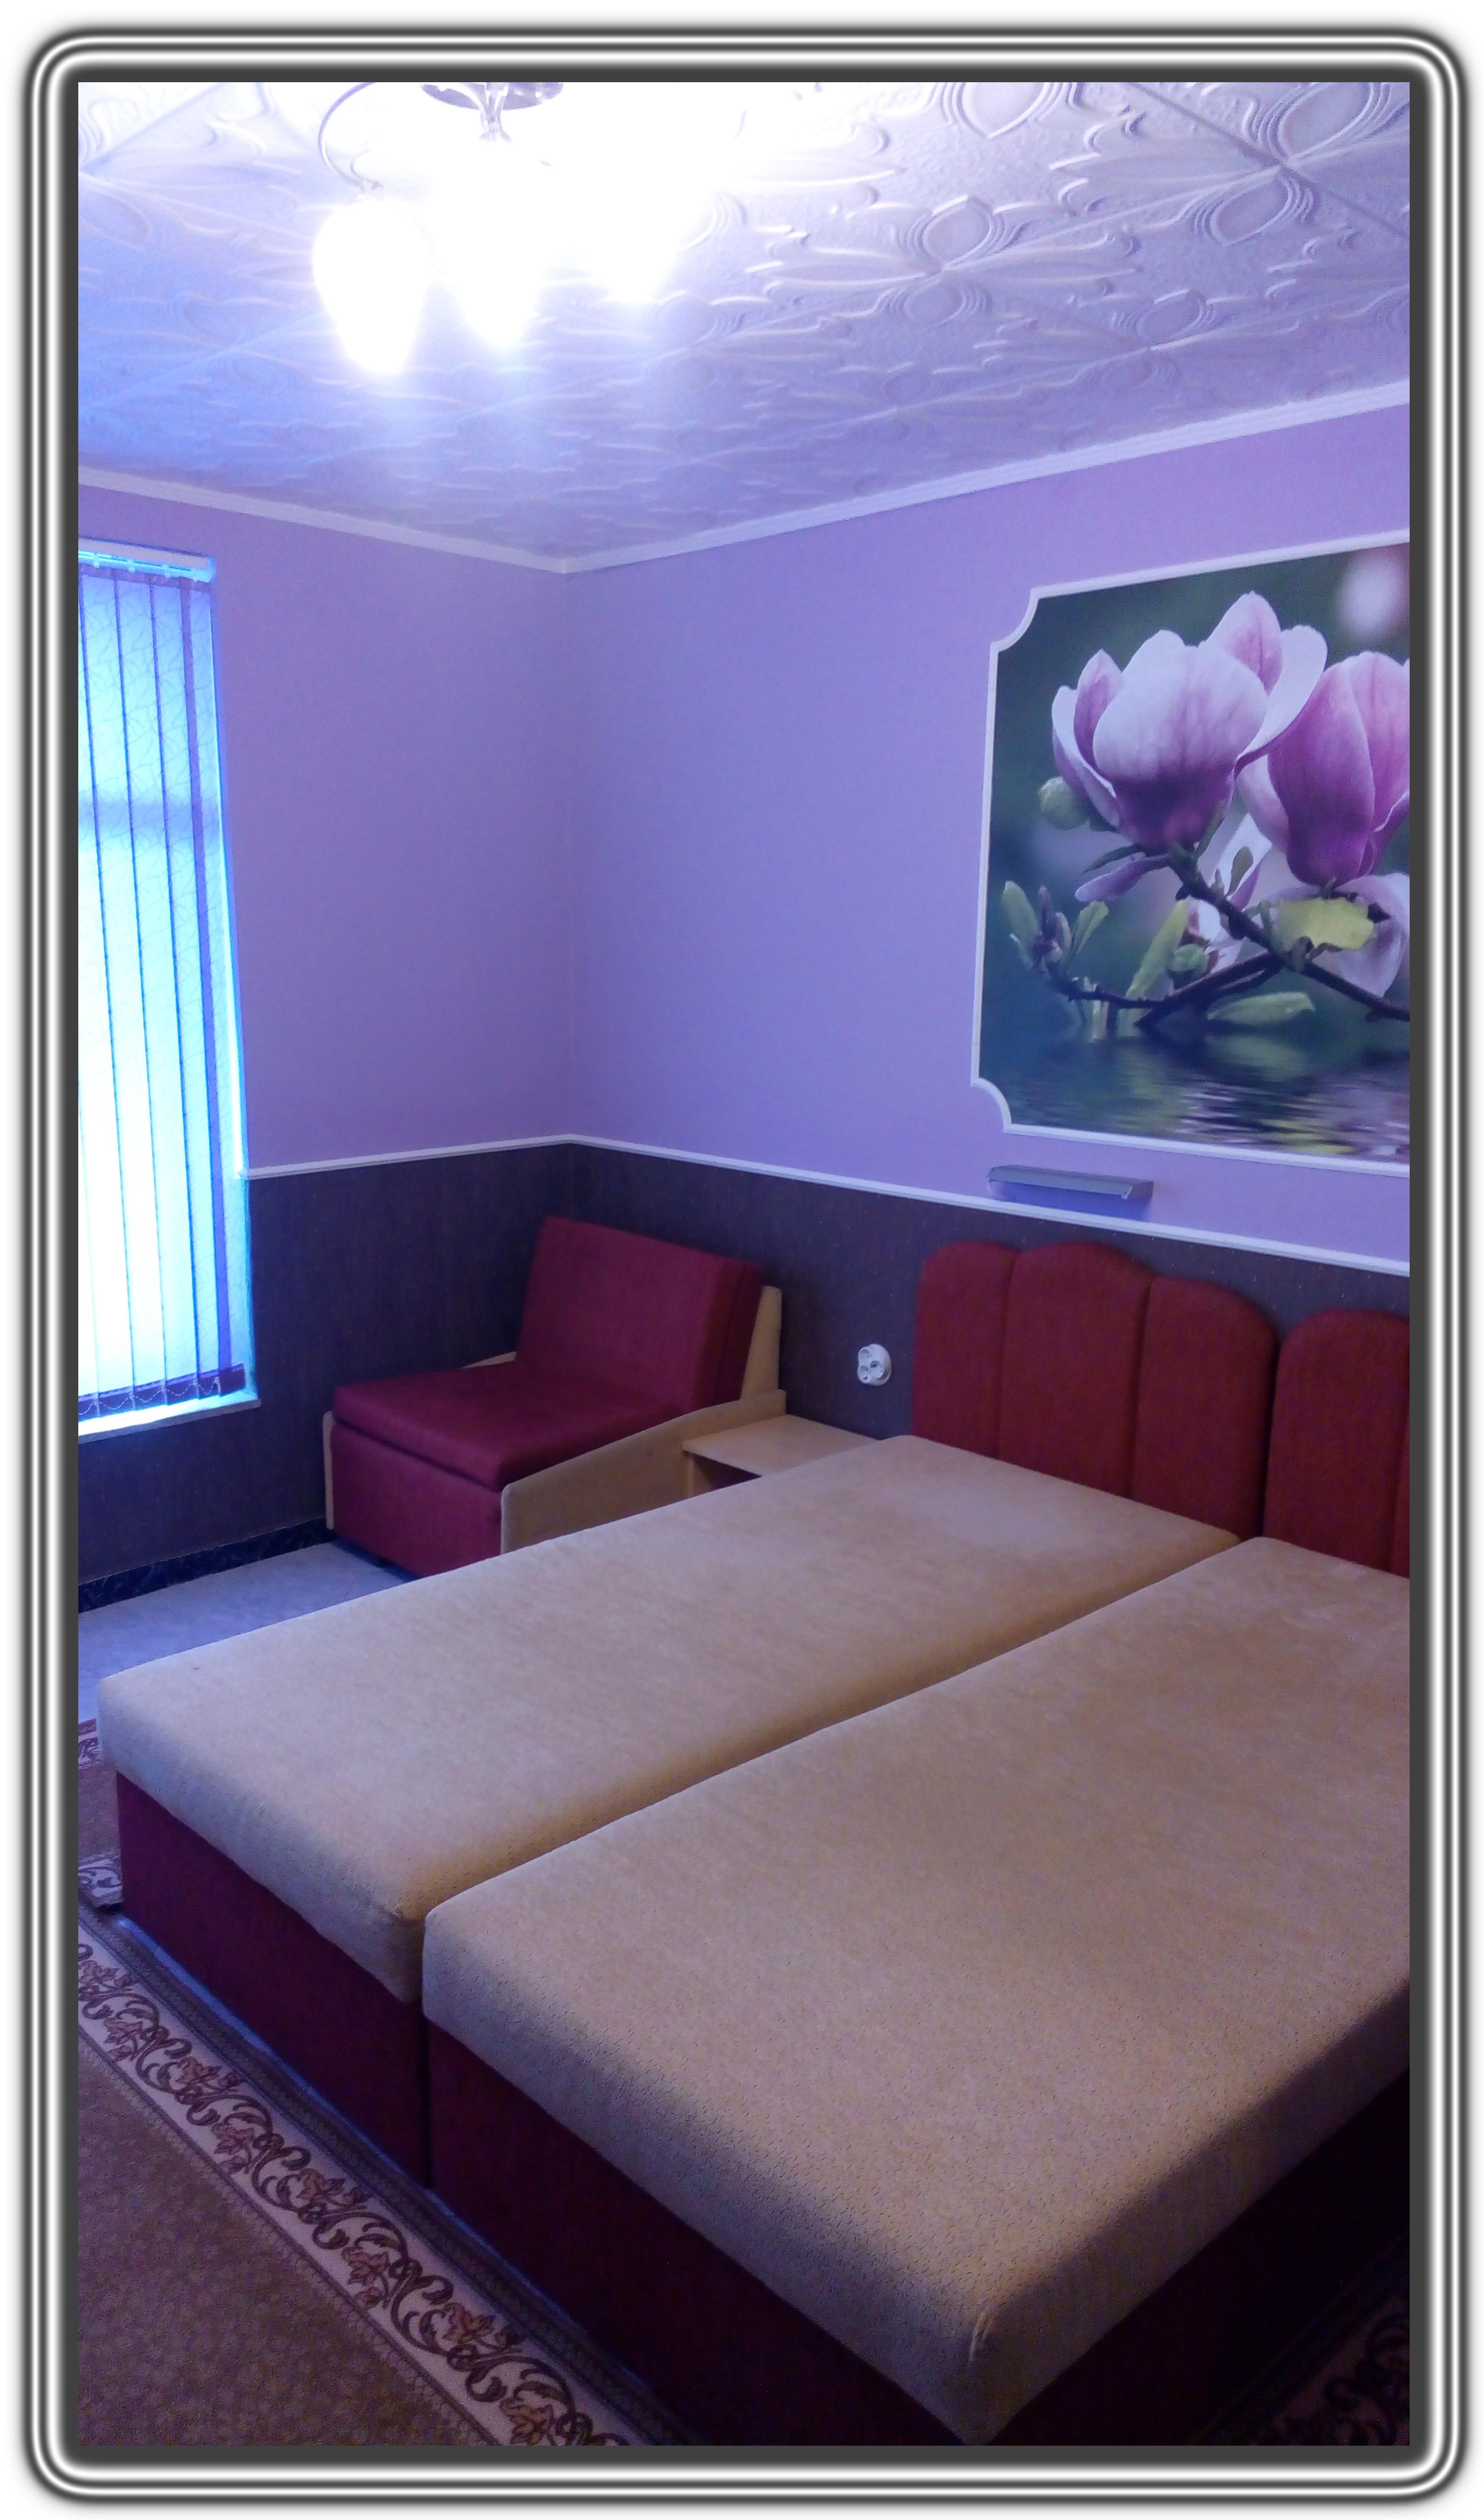 5.room 21